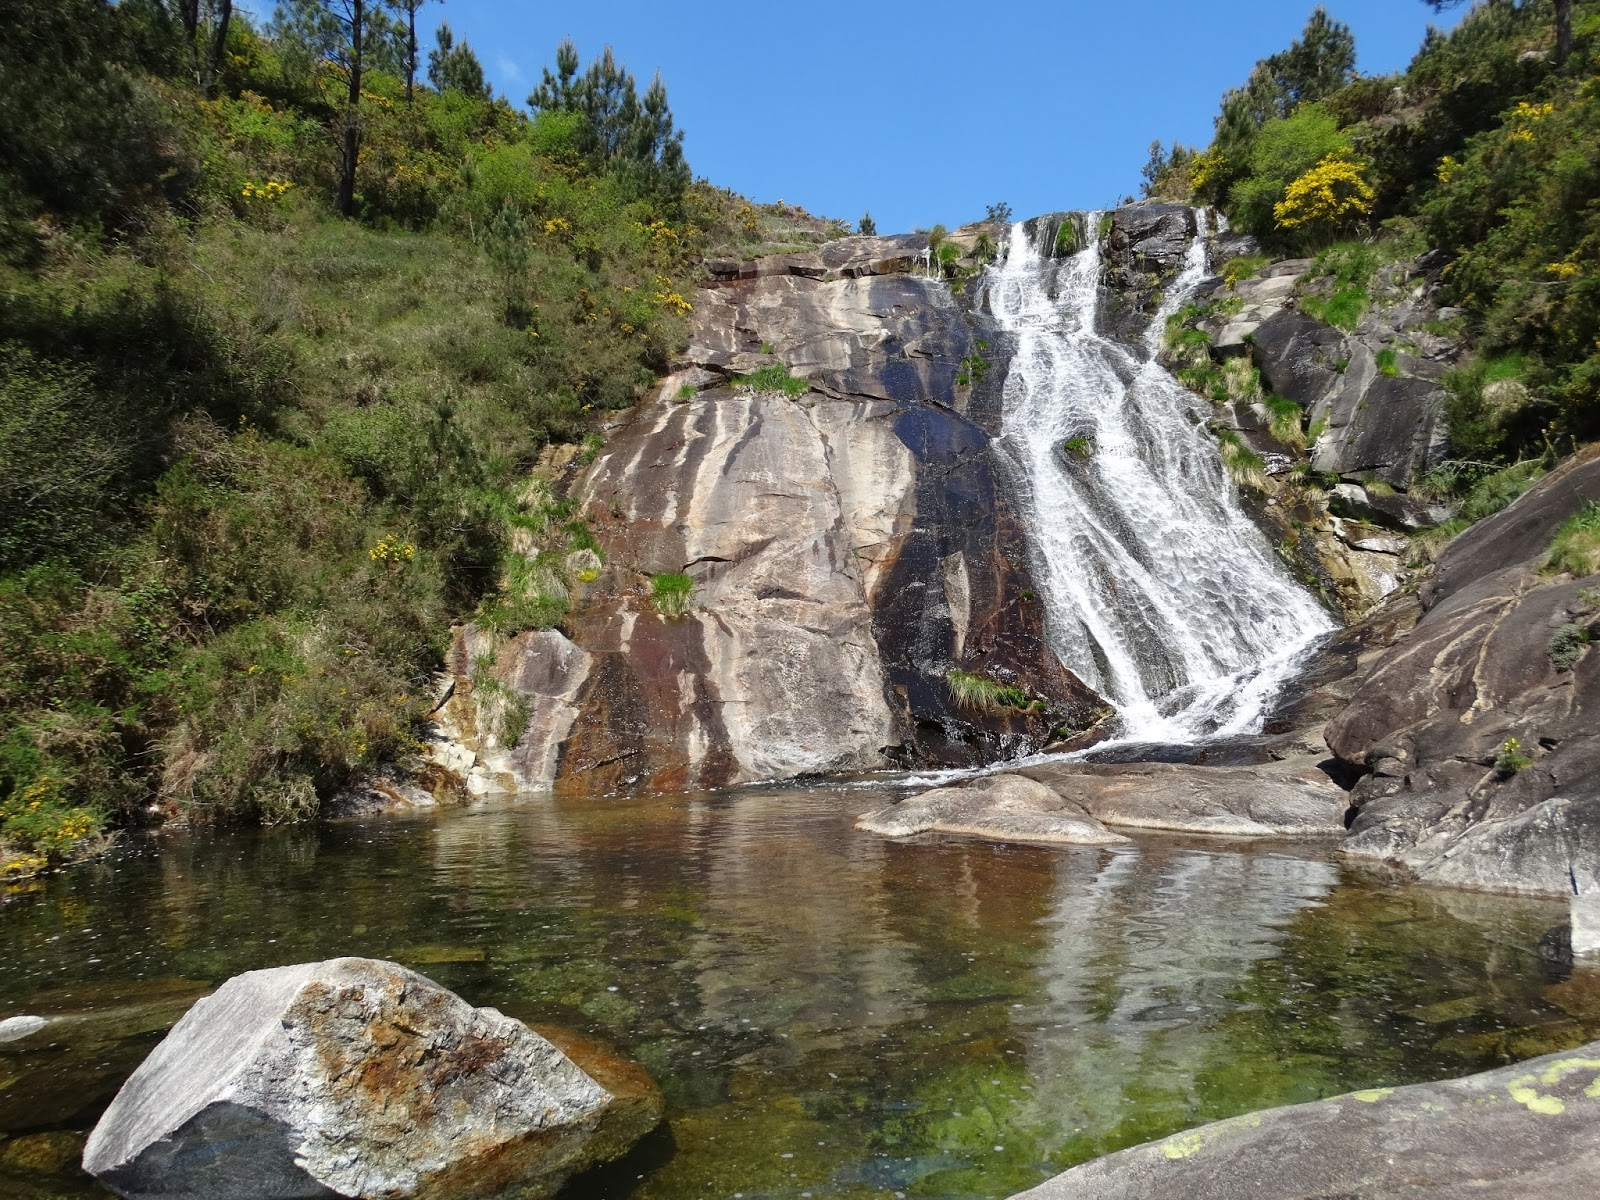 Ruta r a de muros e noia ruta activa for Piscinas naturales rio malo